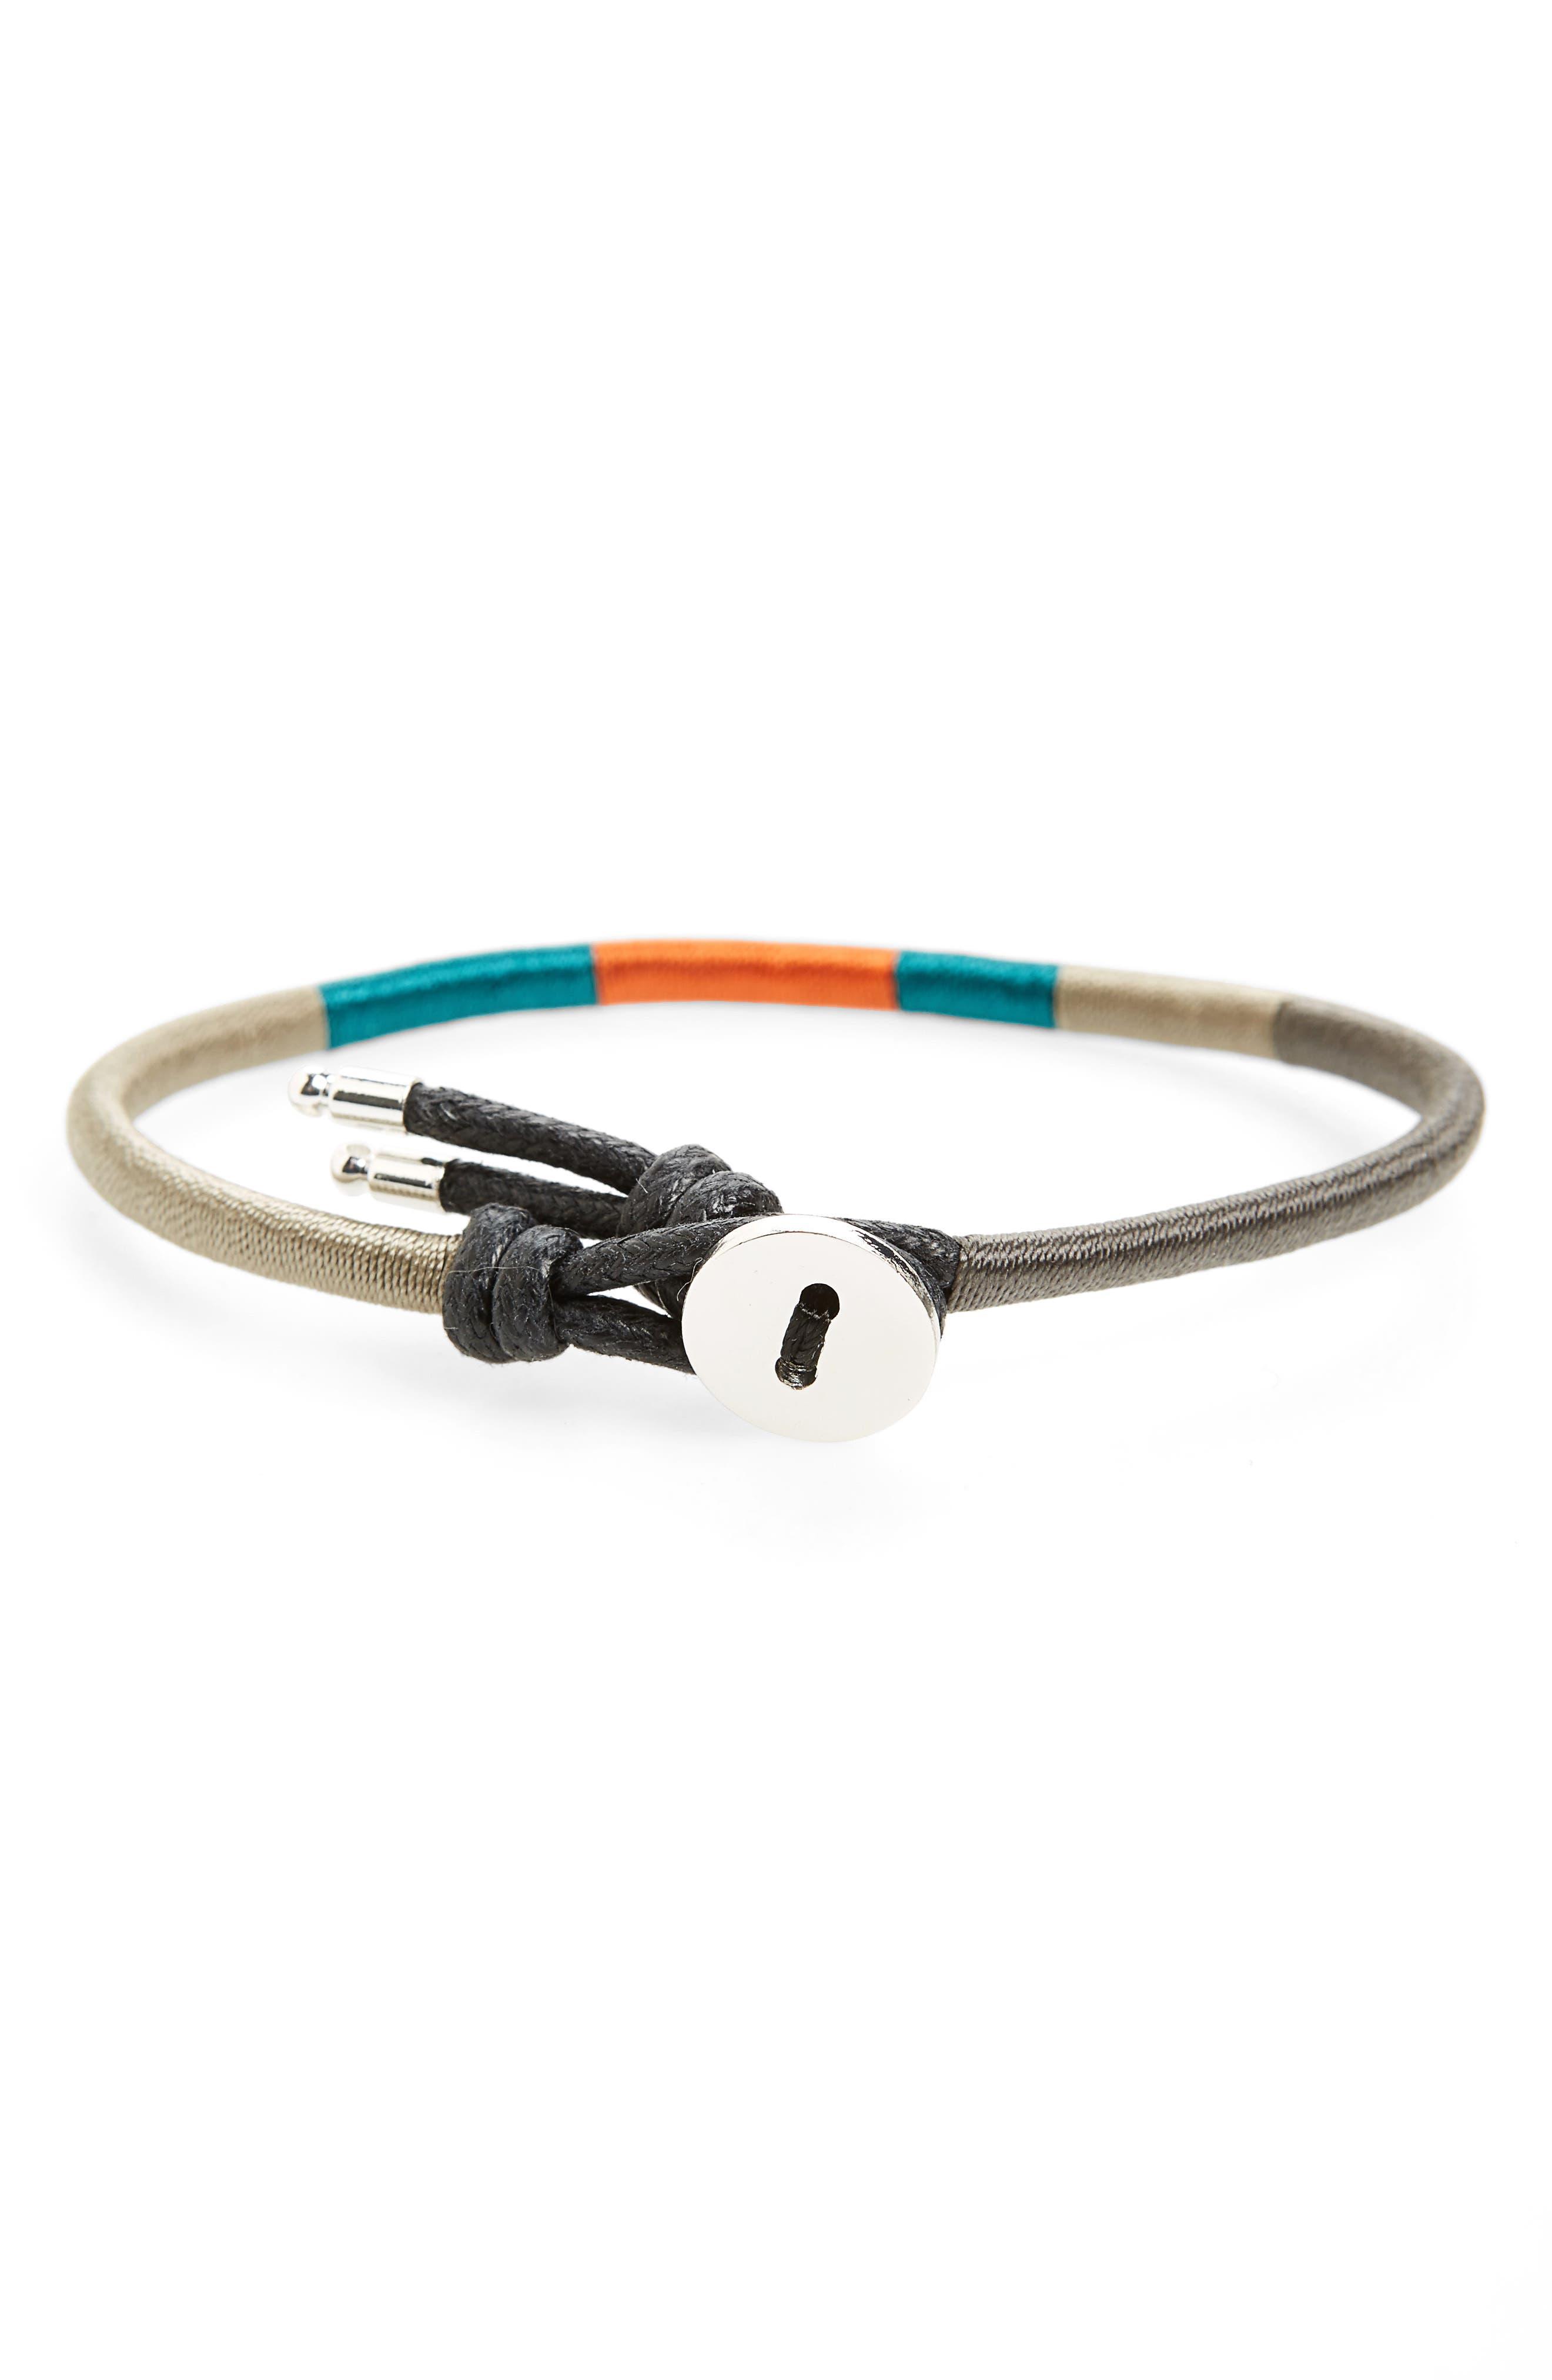 Alternate Image 1 Selected - Finn & Taylor Woven Bracelet